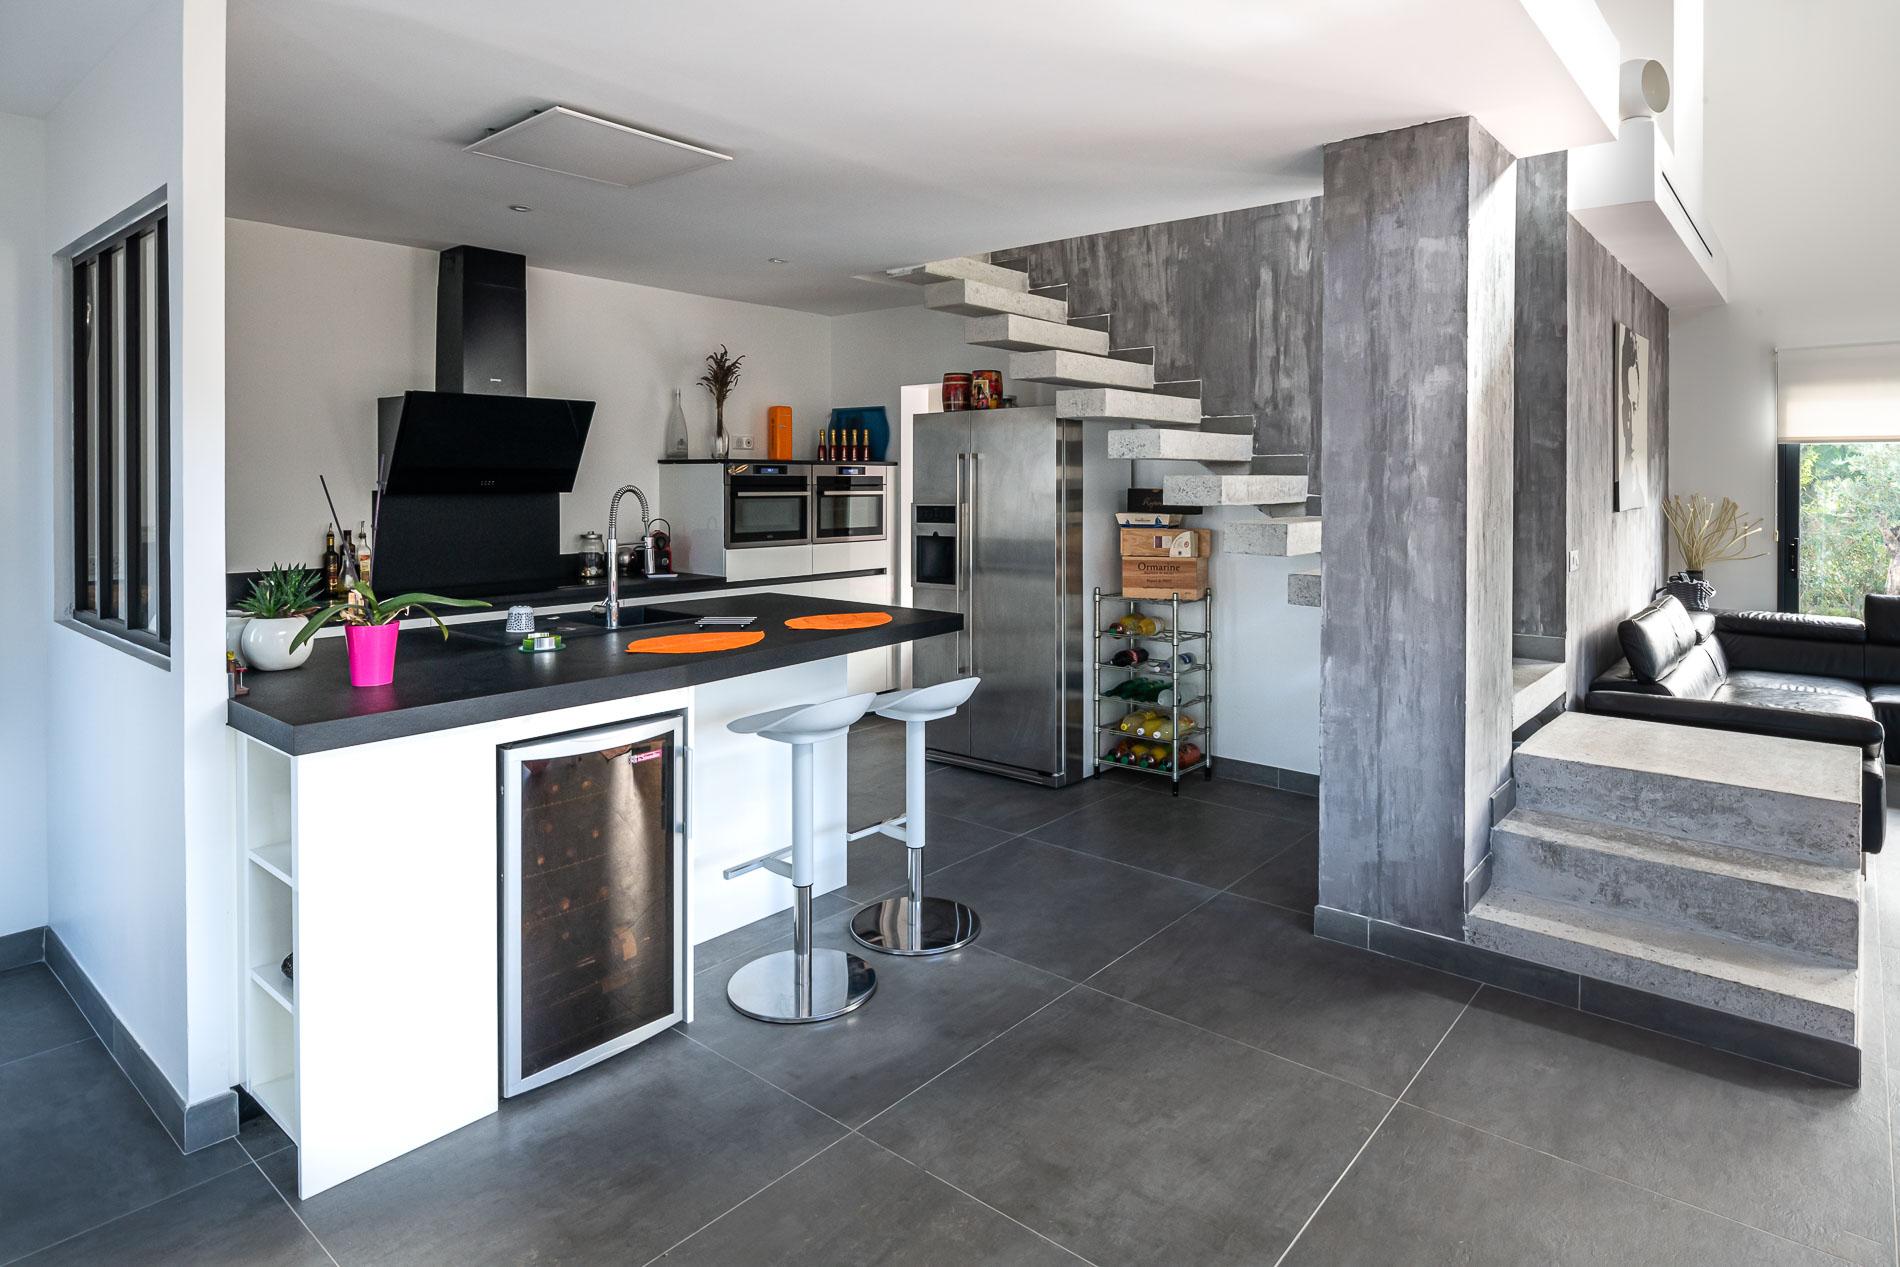 Construction d'une maison contemporaine à toit plat à Saint-Laurent d'Aigouze dans l'Hérault